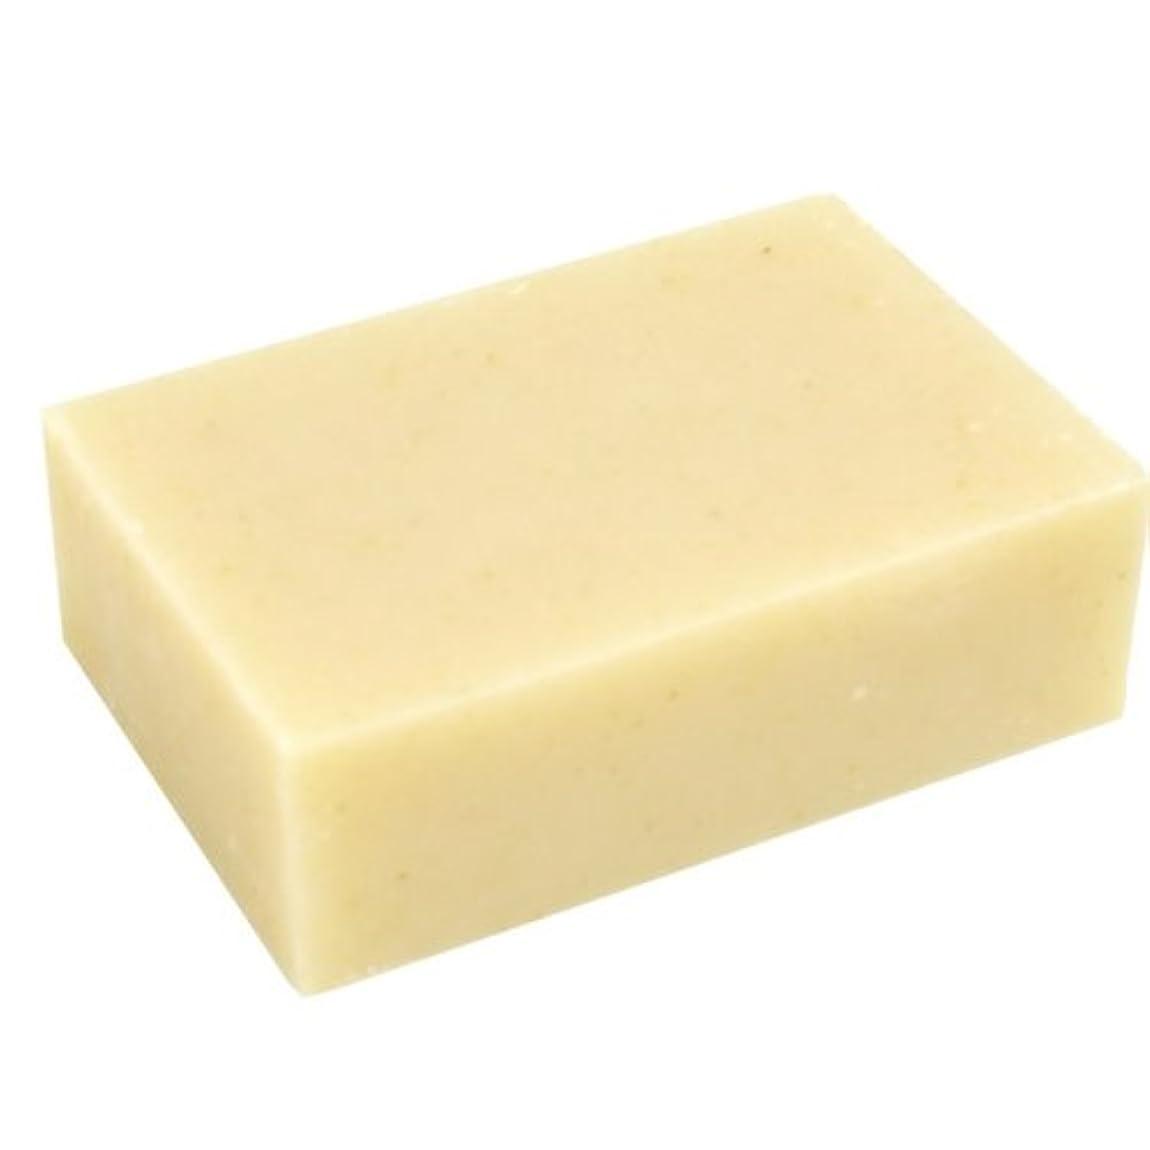 用心するリラックス静脈HAWAIIAN BATH & BODY SOAP ゼラニウム